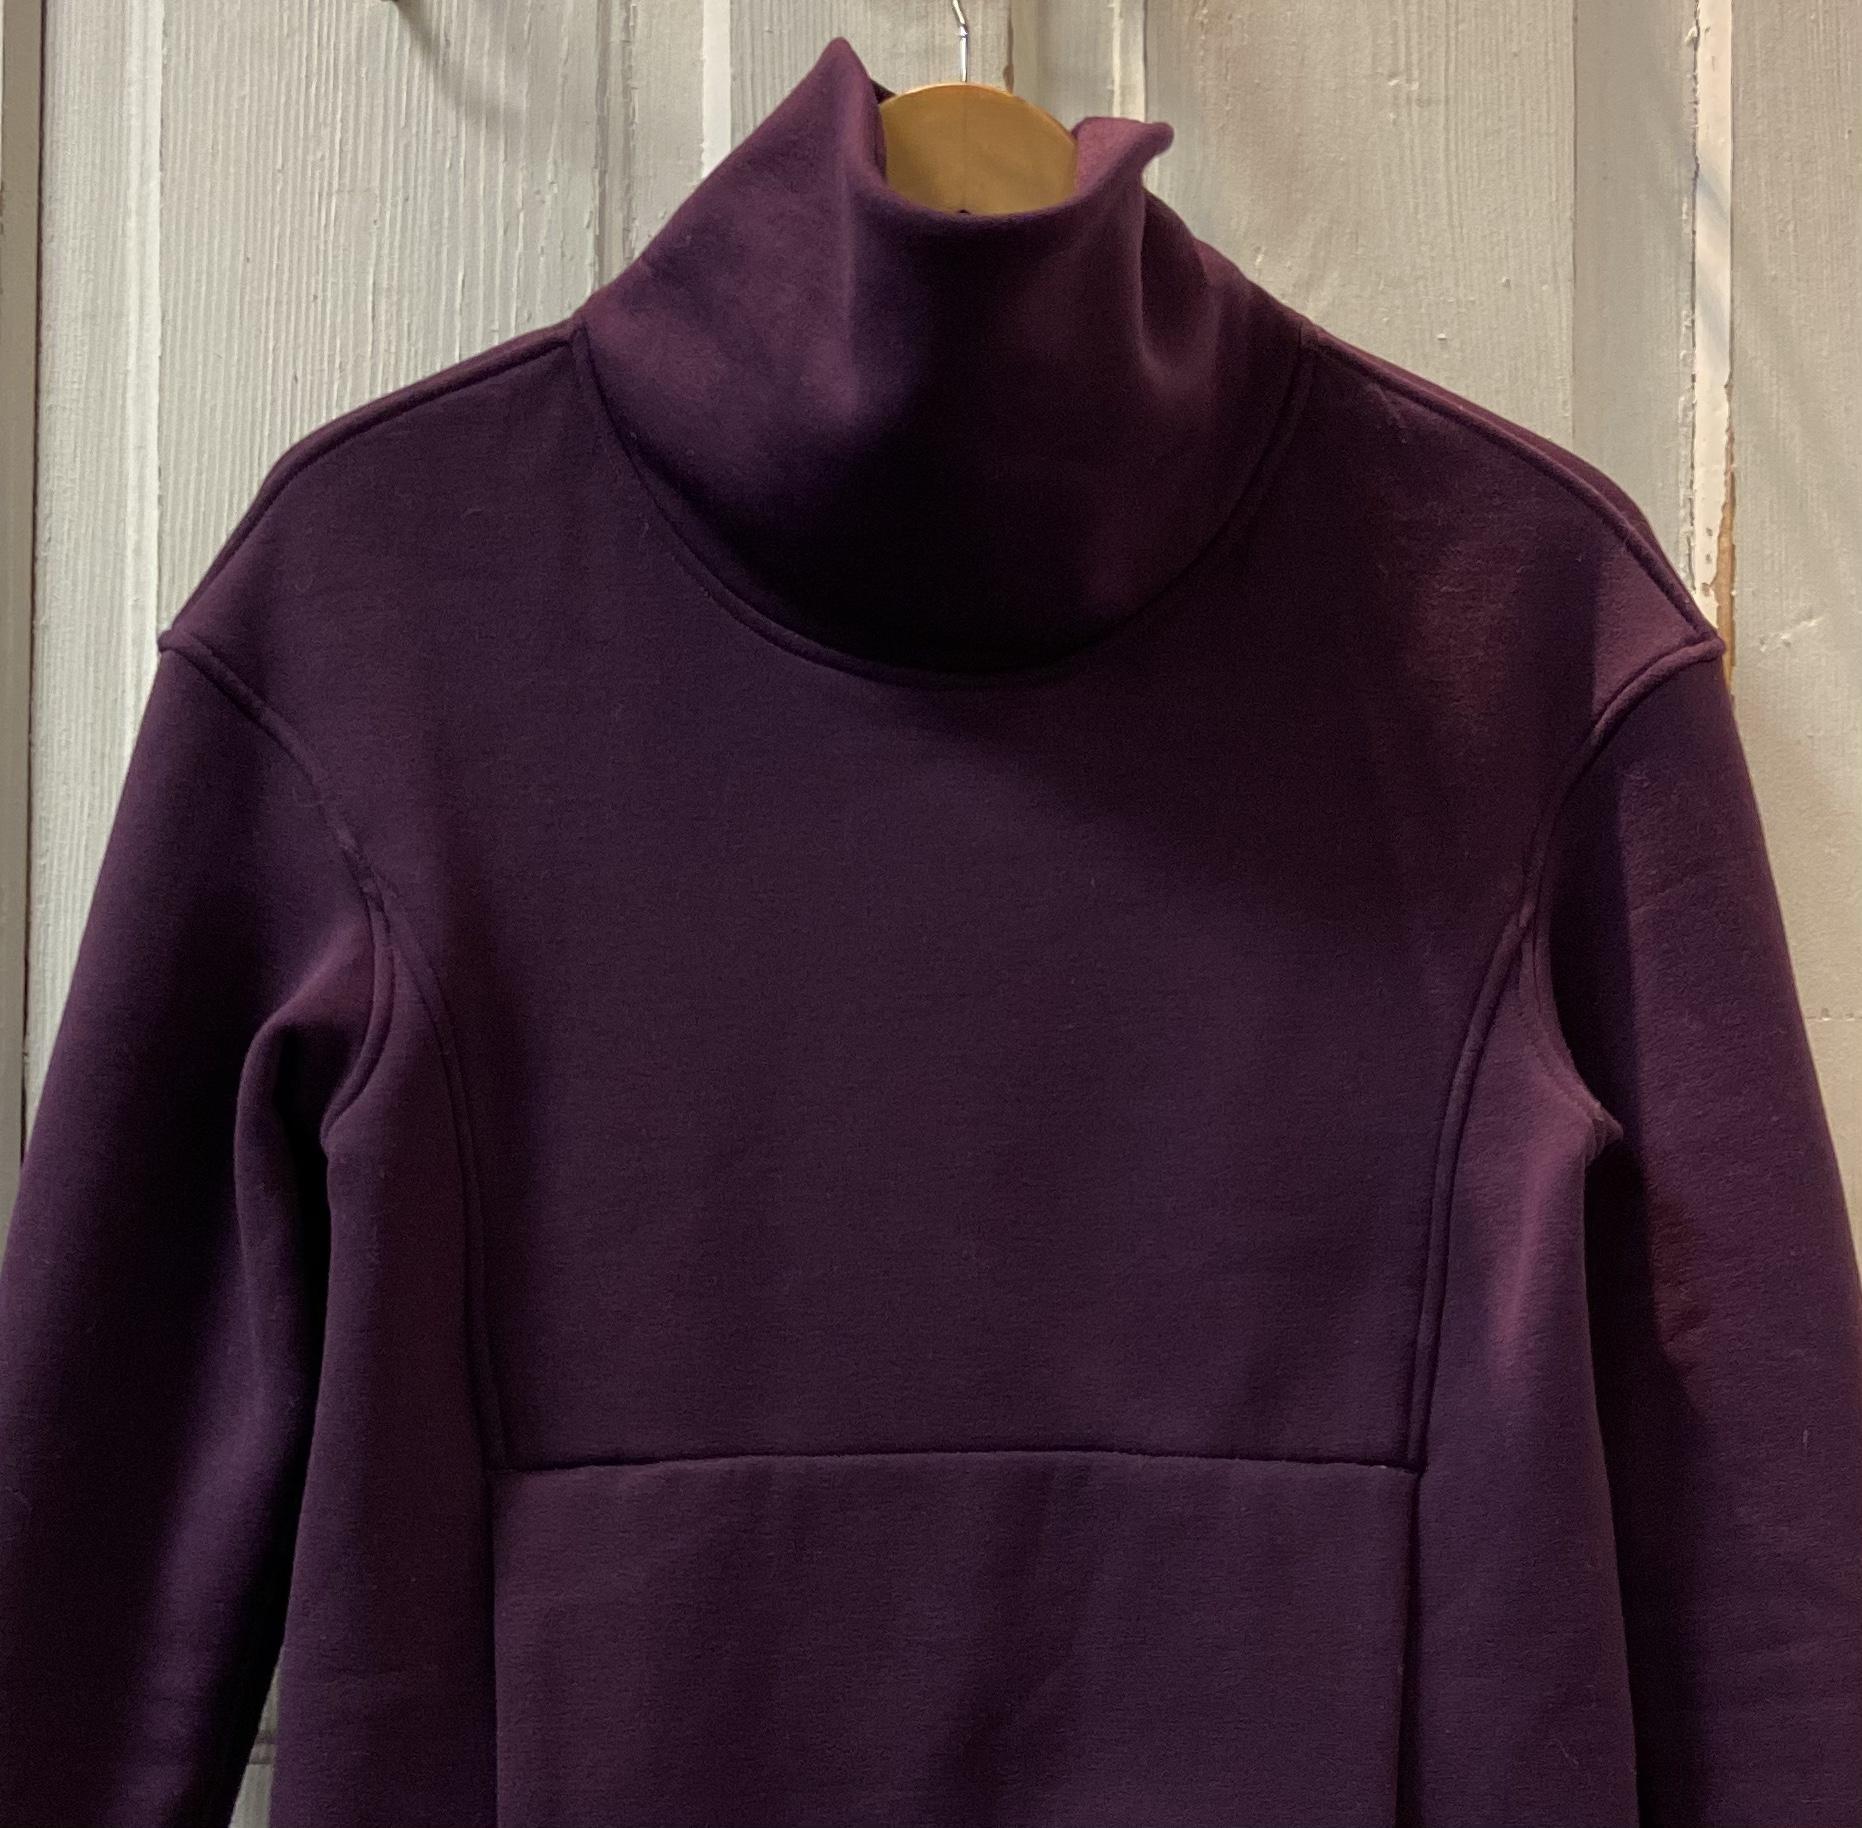 Prple High Neck Pullover<br /> Prple<br /> Size: 4 Re $118